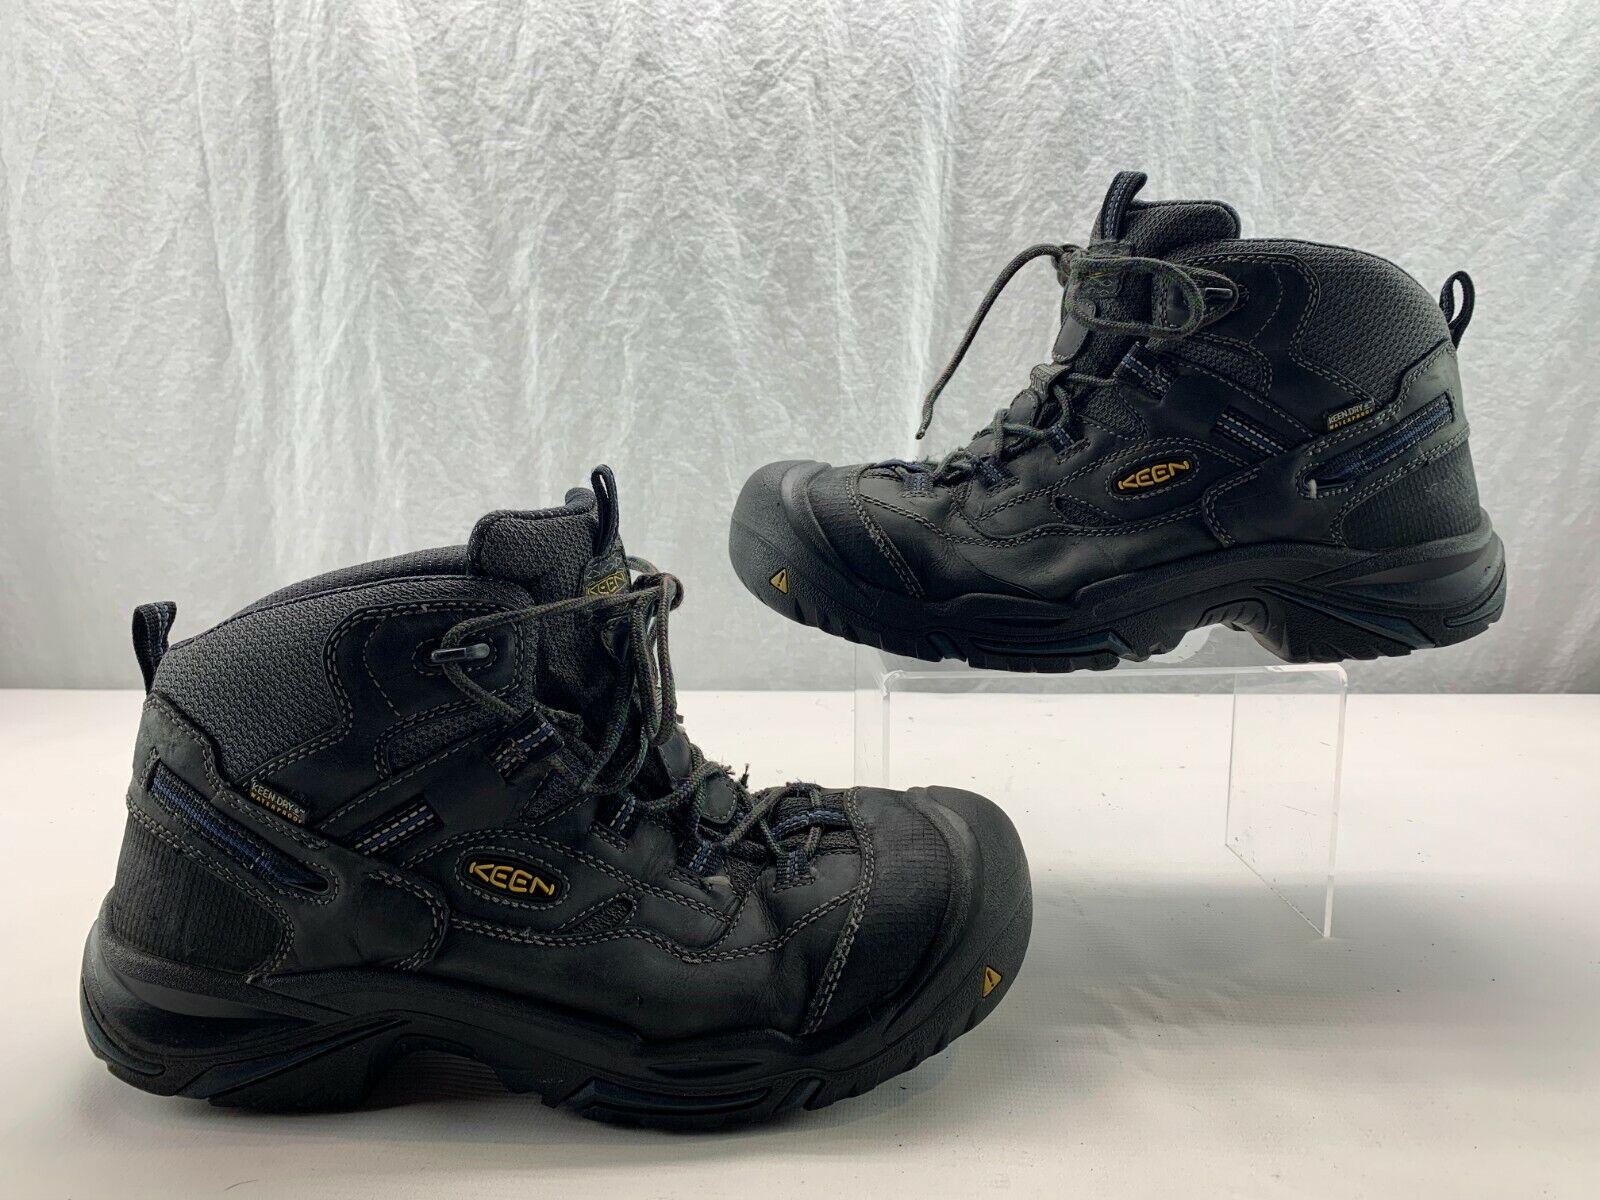 Keen utilidad 1014605 para hombre Braddock Medio Suave Toe WP EH botas De Trabajo D